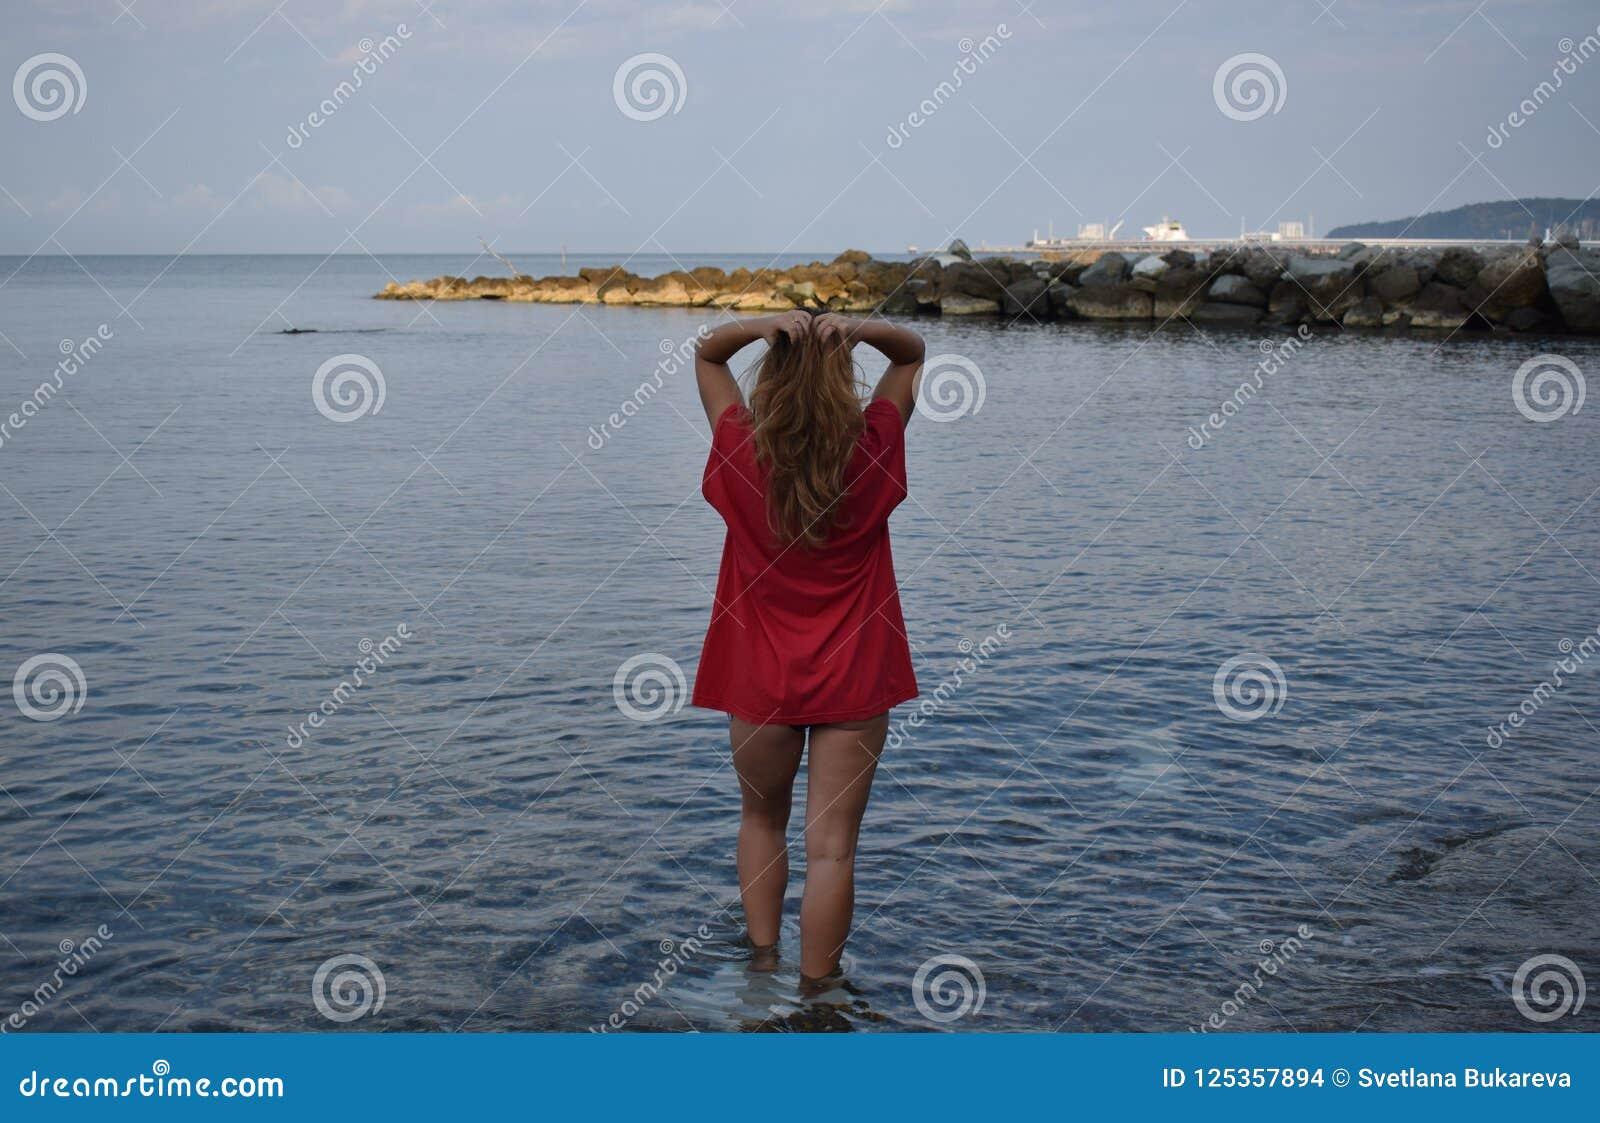 Το κορίτσι στο κόκκινο στέκεται στην παραλία και αγγίζει την τρίχα της